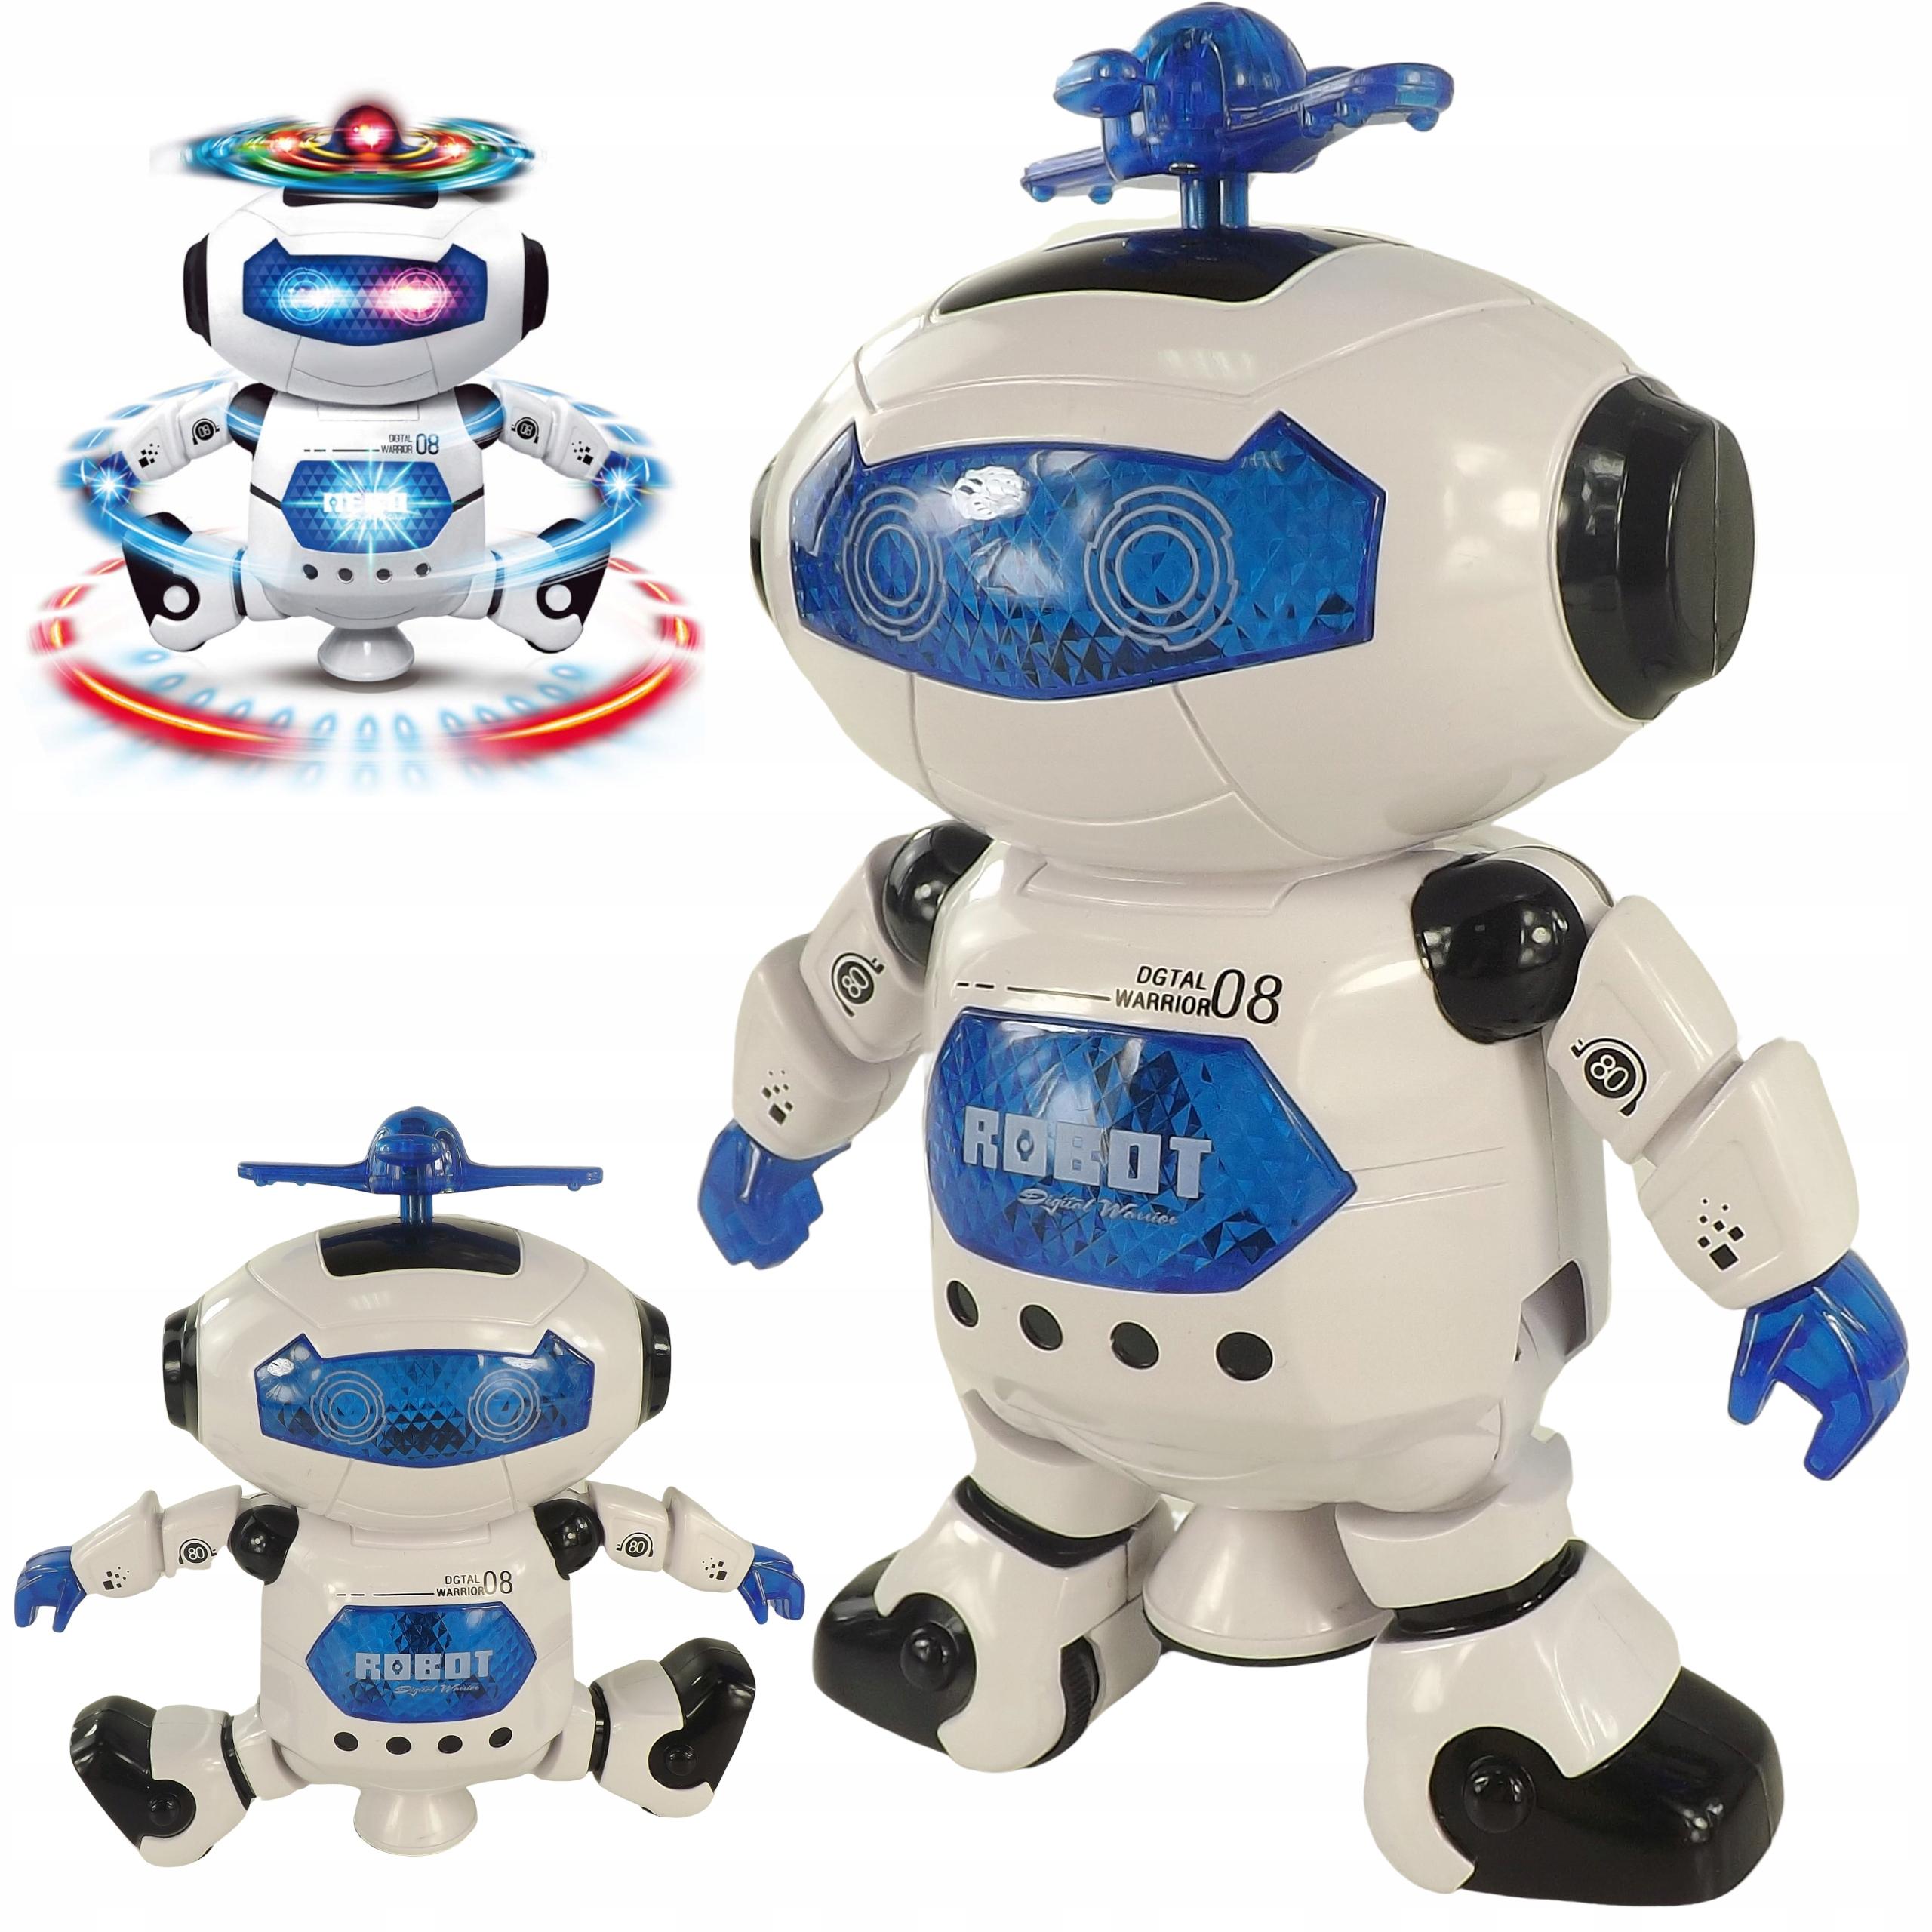 Tańczący robot interaktywny jeździ dźwięki 44-2